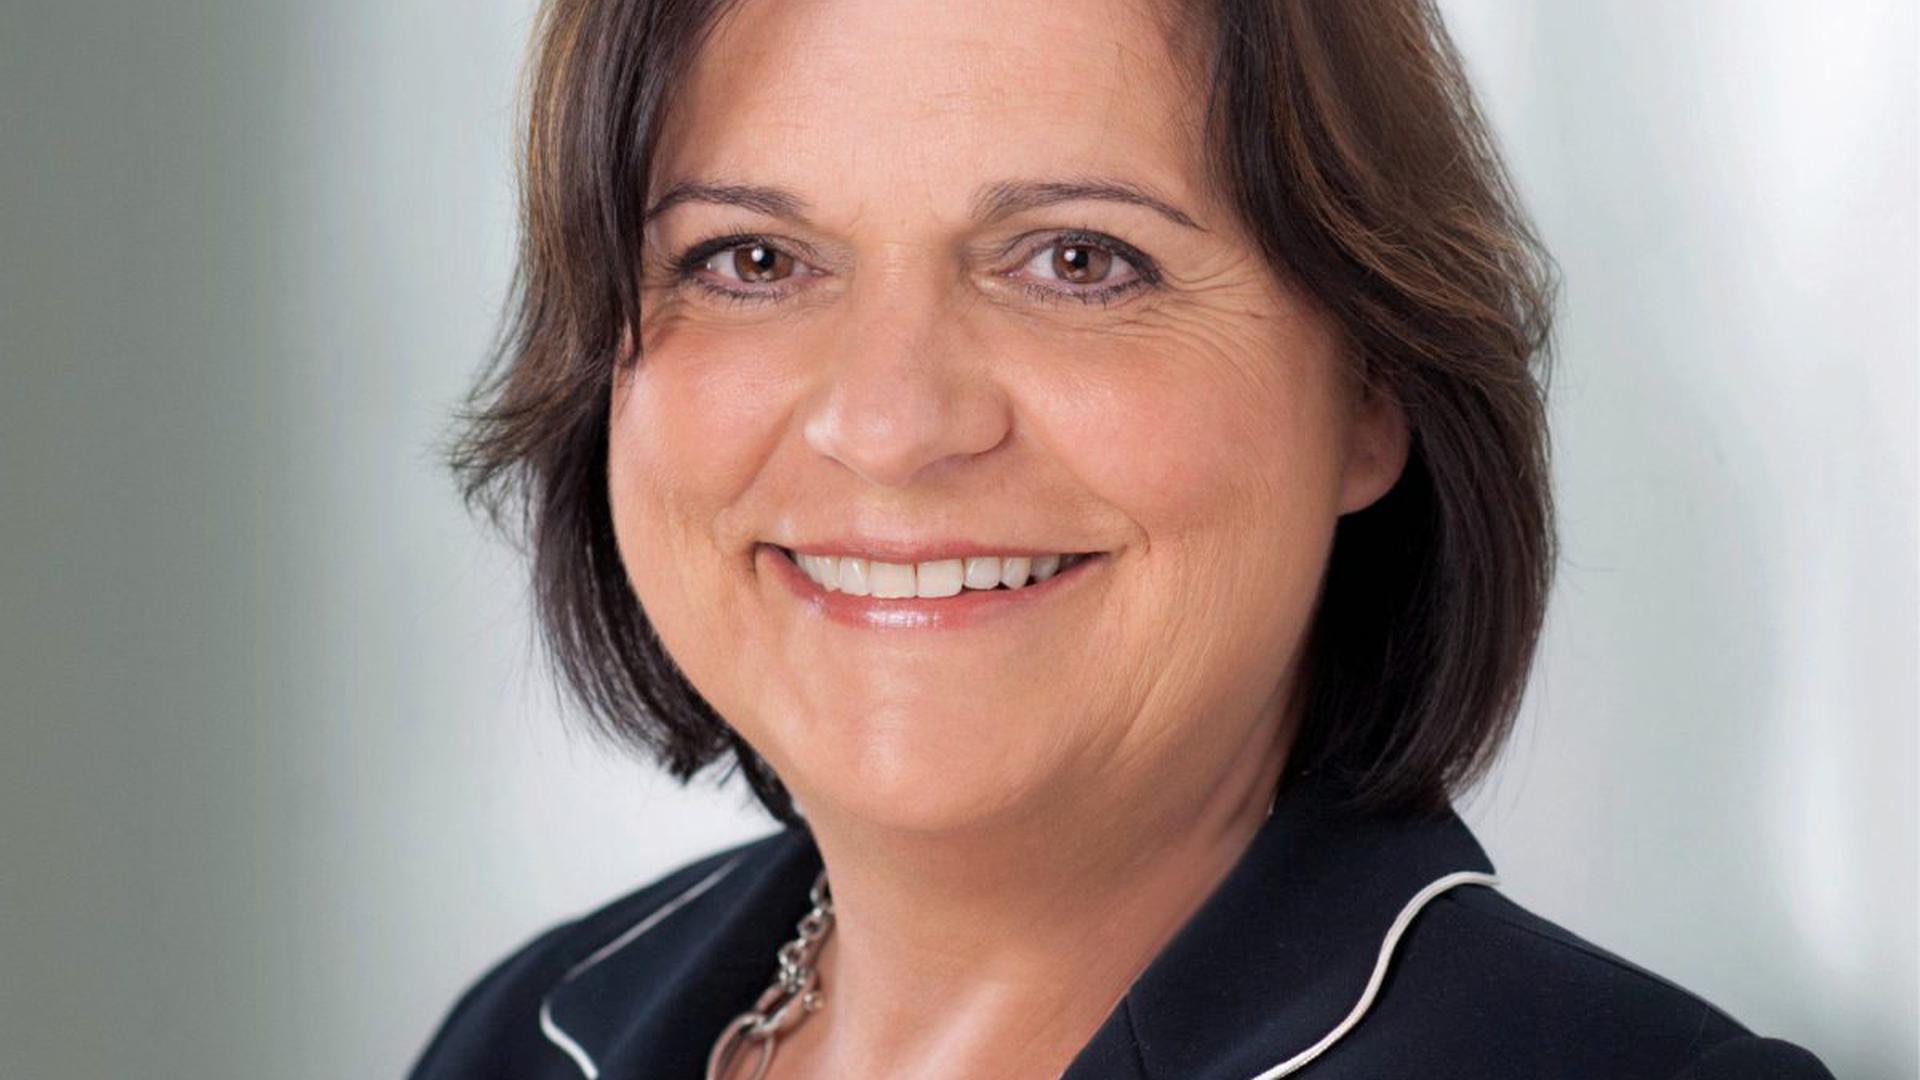 Lucia Völlinger hat eine Praxis für Psychotherapie (HPG) & Coaching in Malsch.